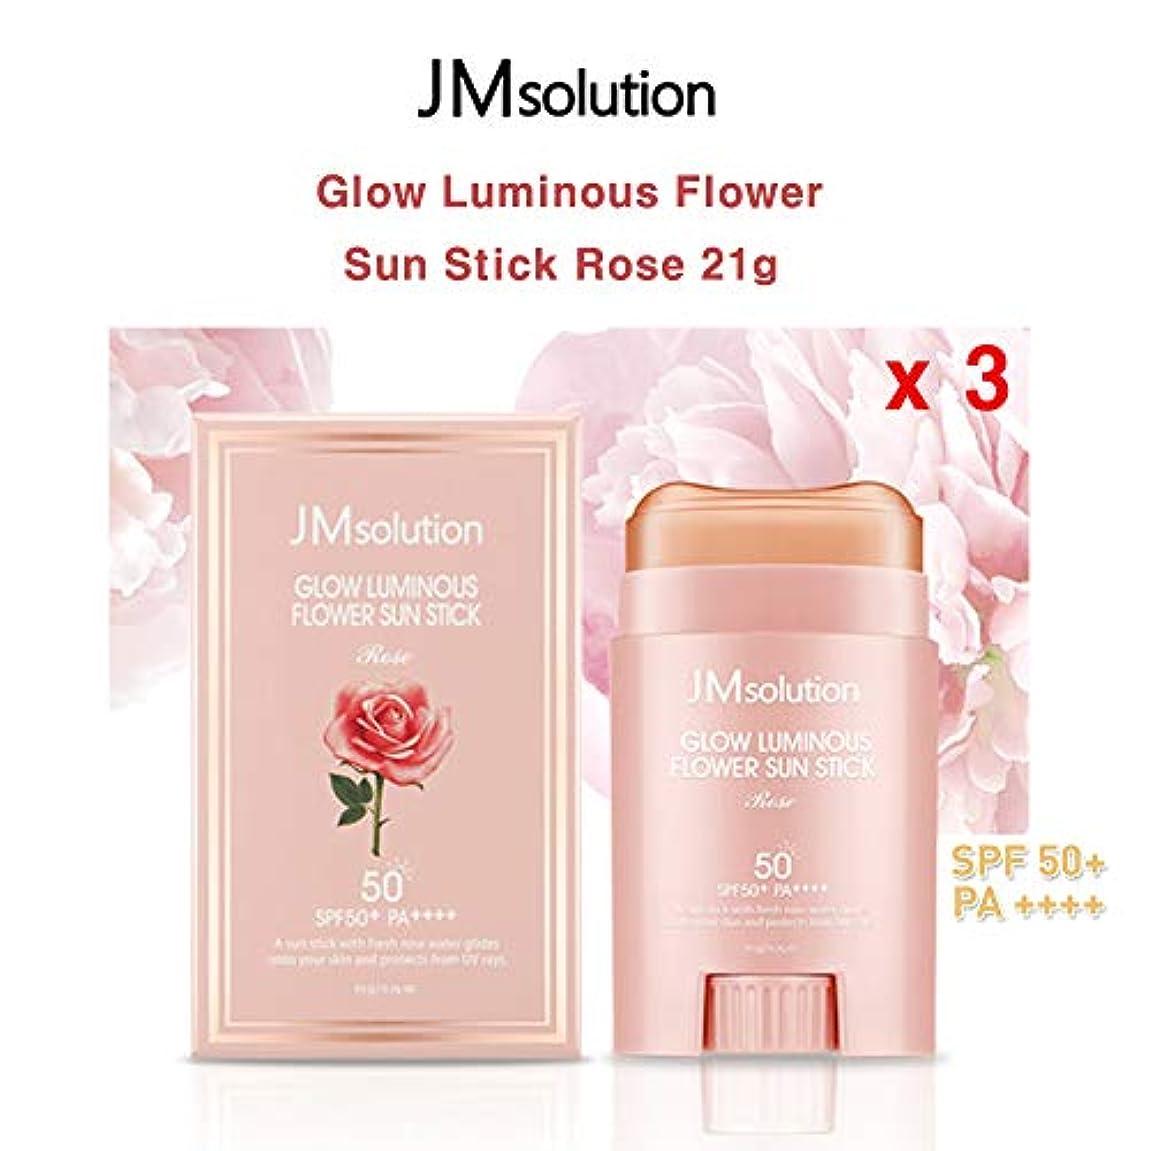 霧のためにこのJM Solution ★1+1+1★ Glow Luminous Flower Sun Stick Rose 21g (spf50 PA) 光る輝く花Sun Stick Rose